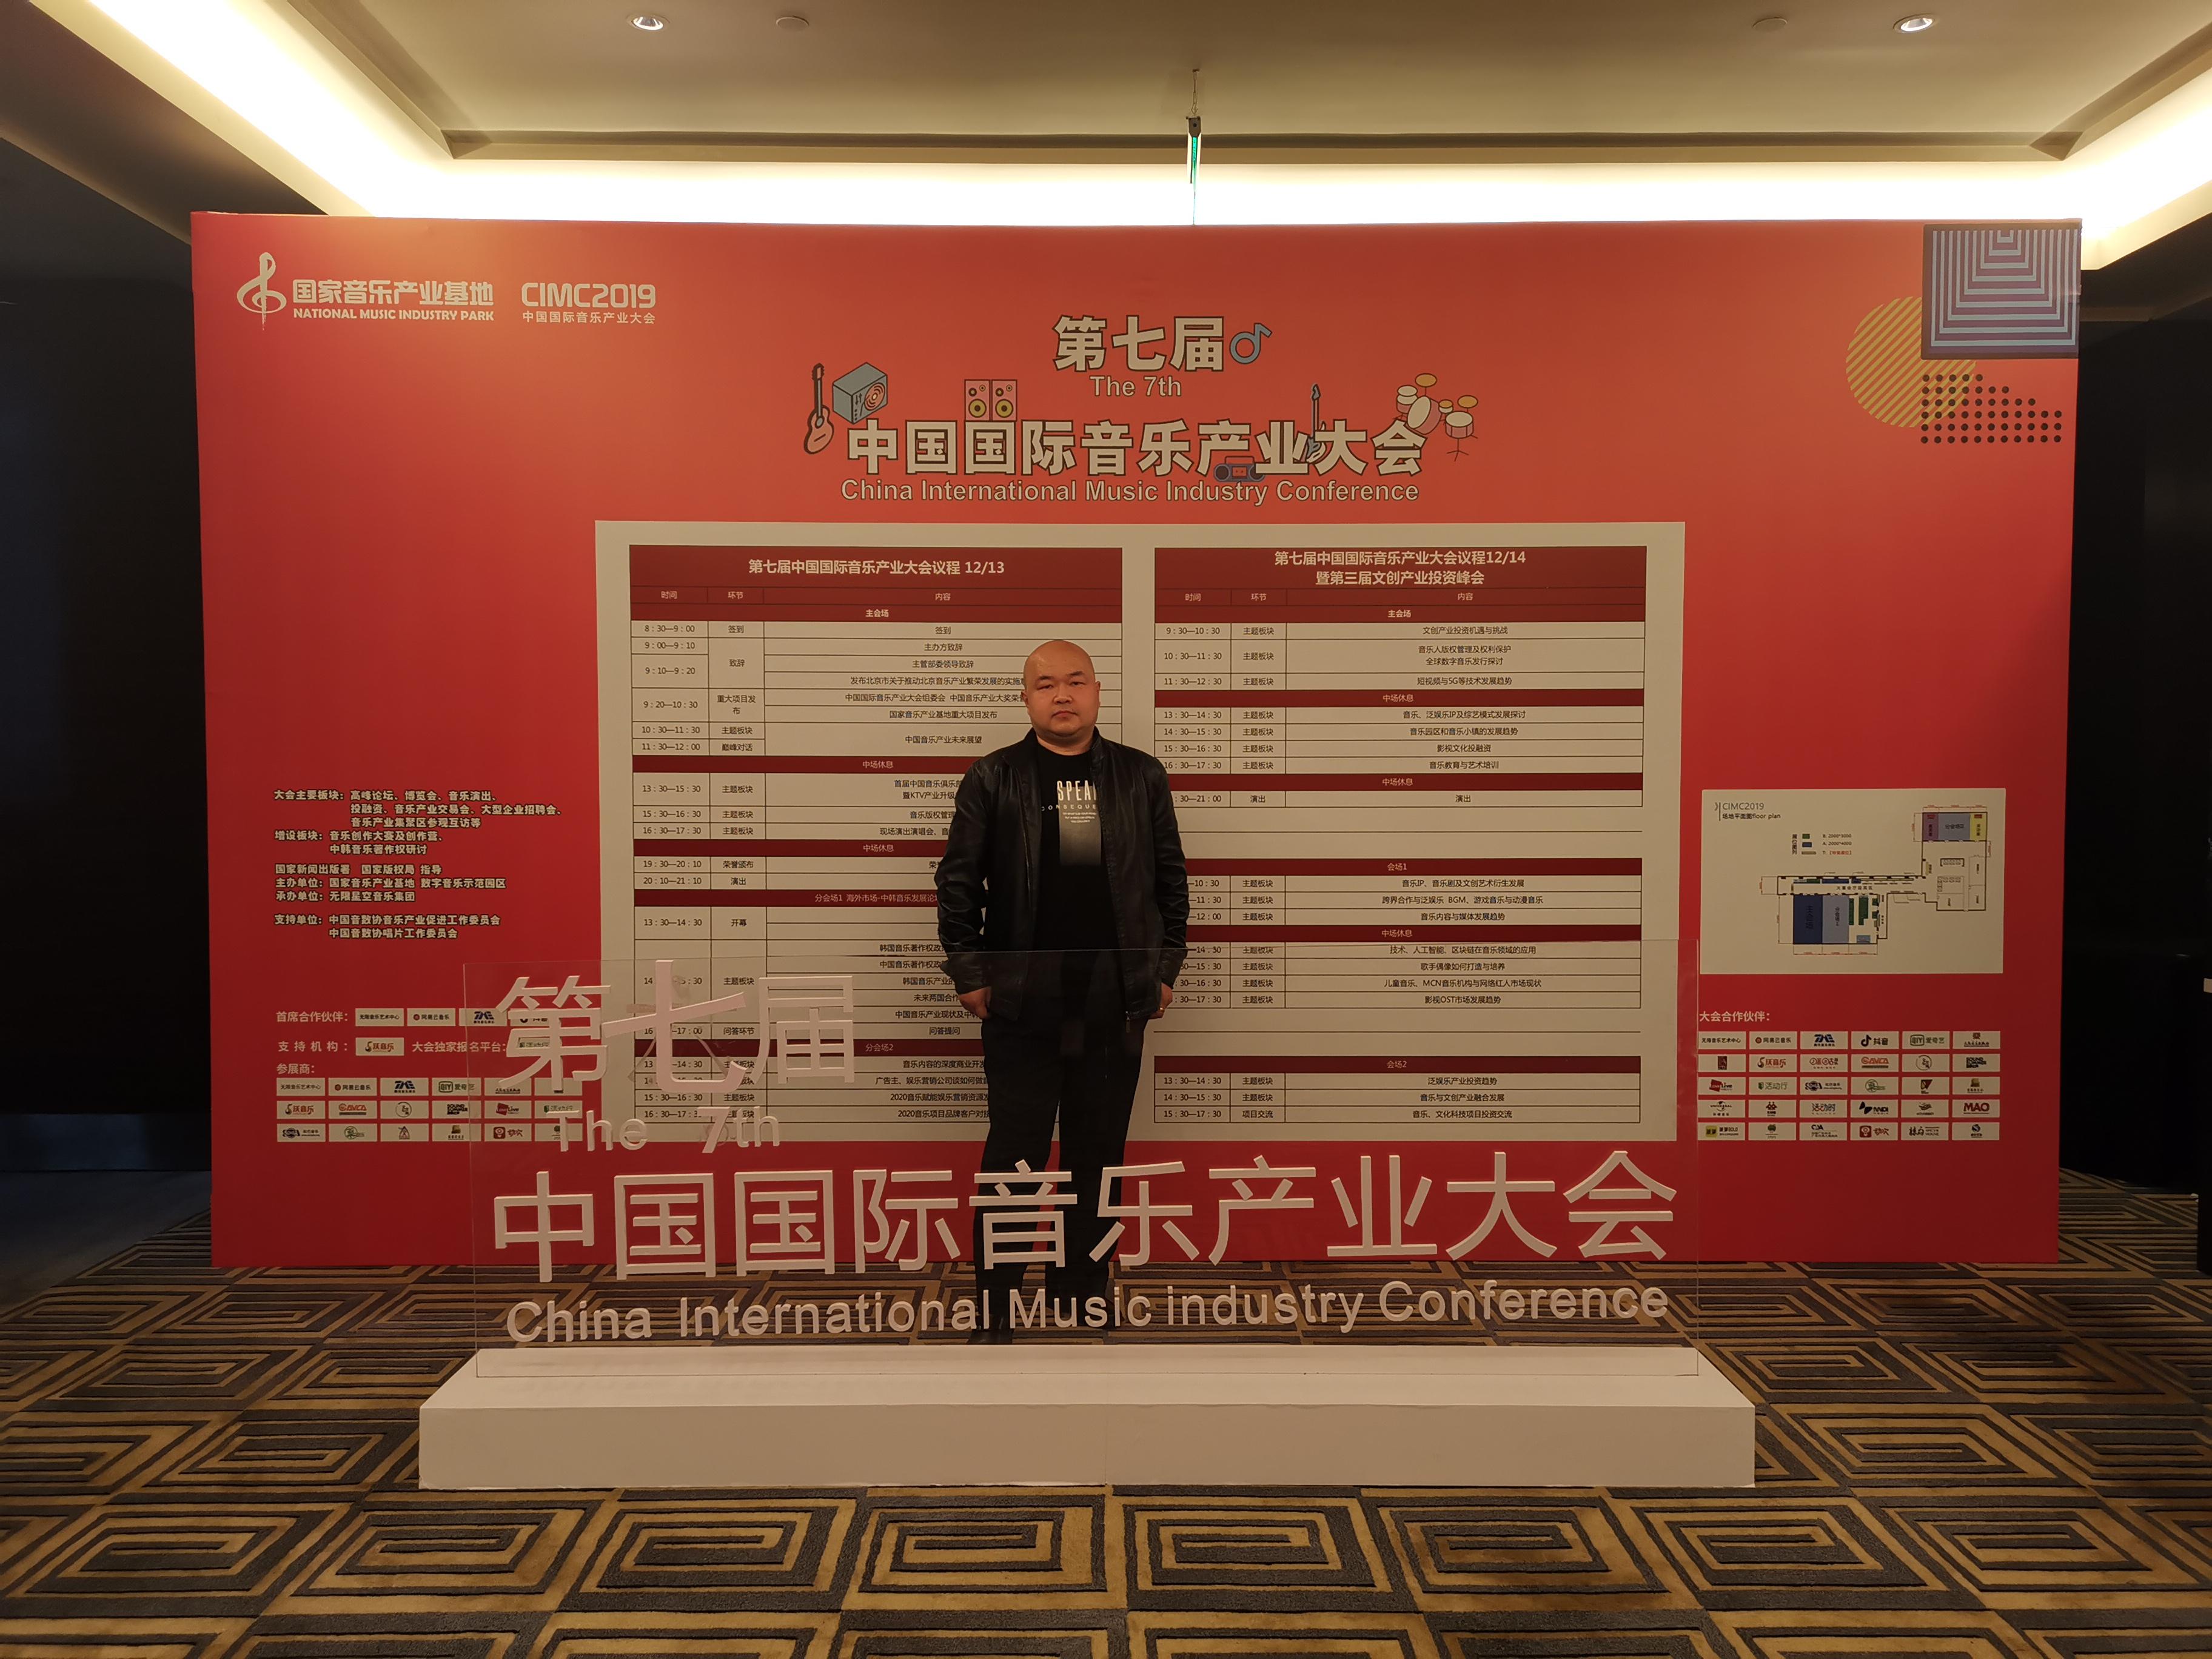 雪里红影视传媒有限公司总经理李国柱